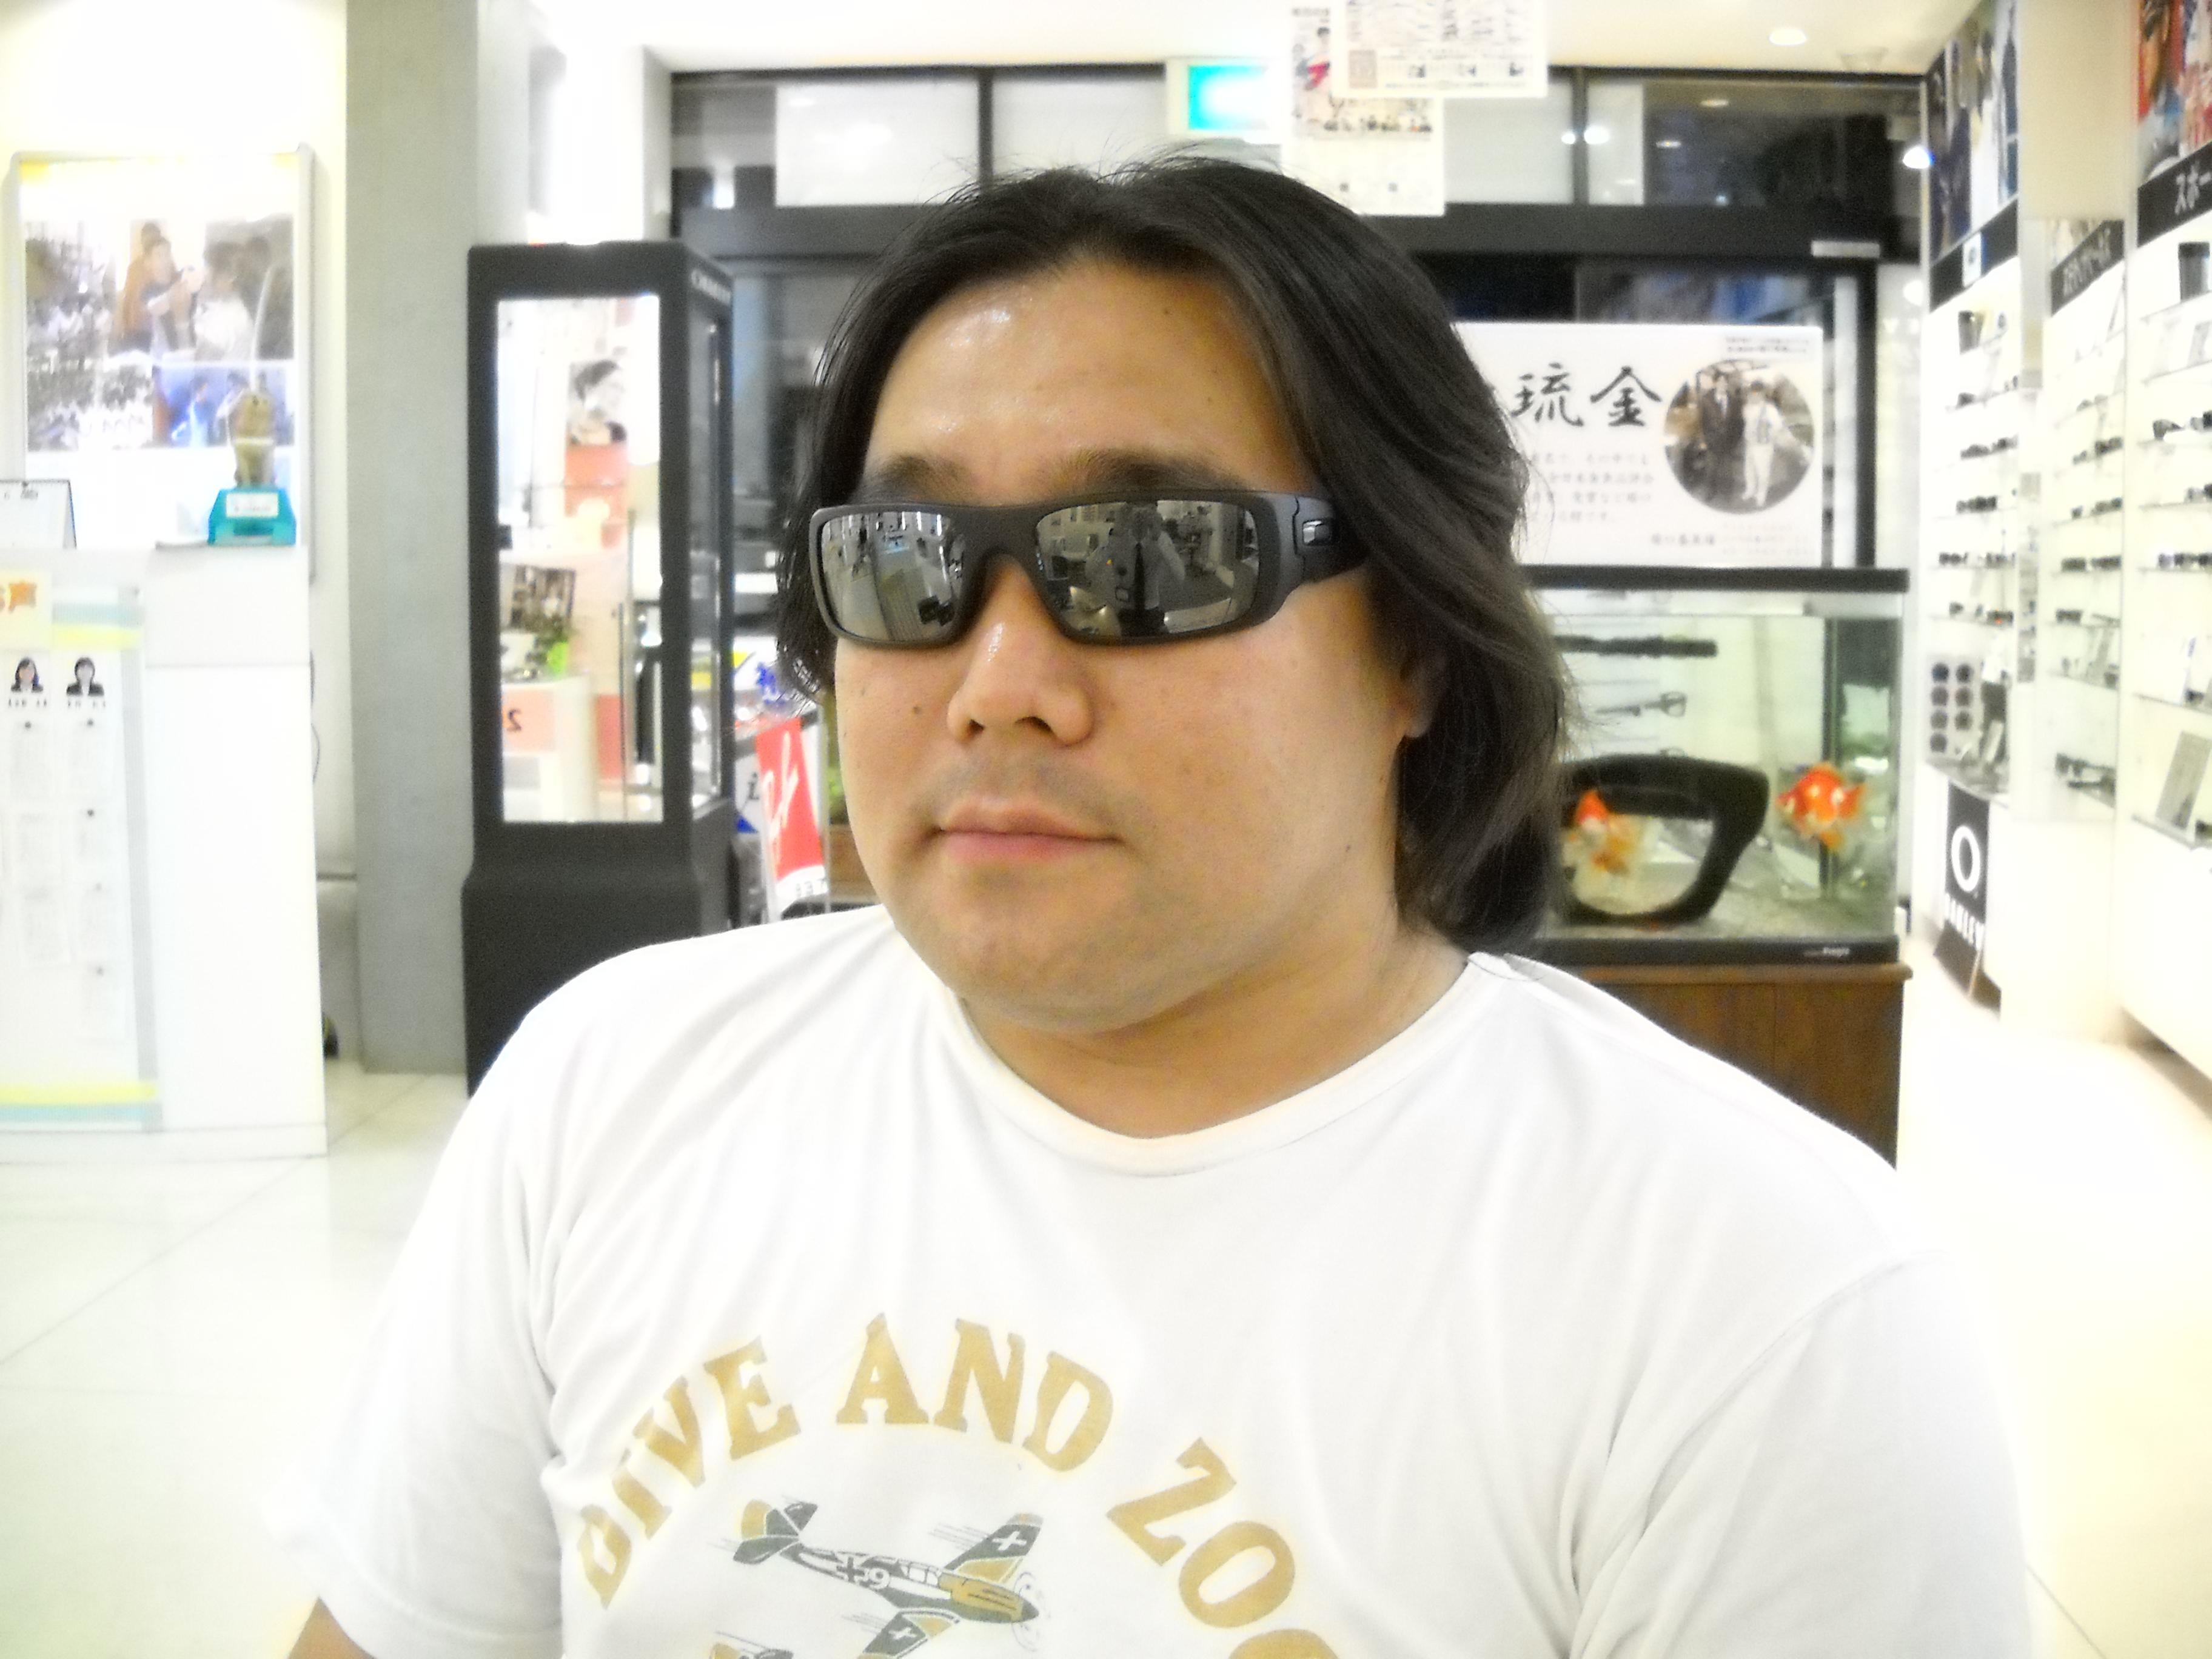 江戸川区 メガネ オークリー サングラス 口コミ